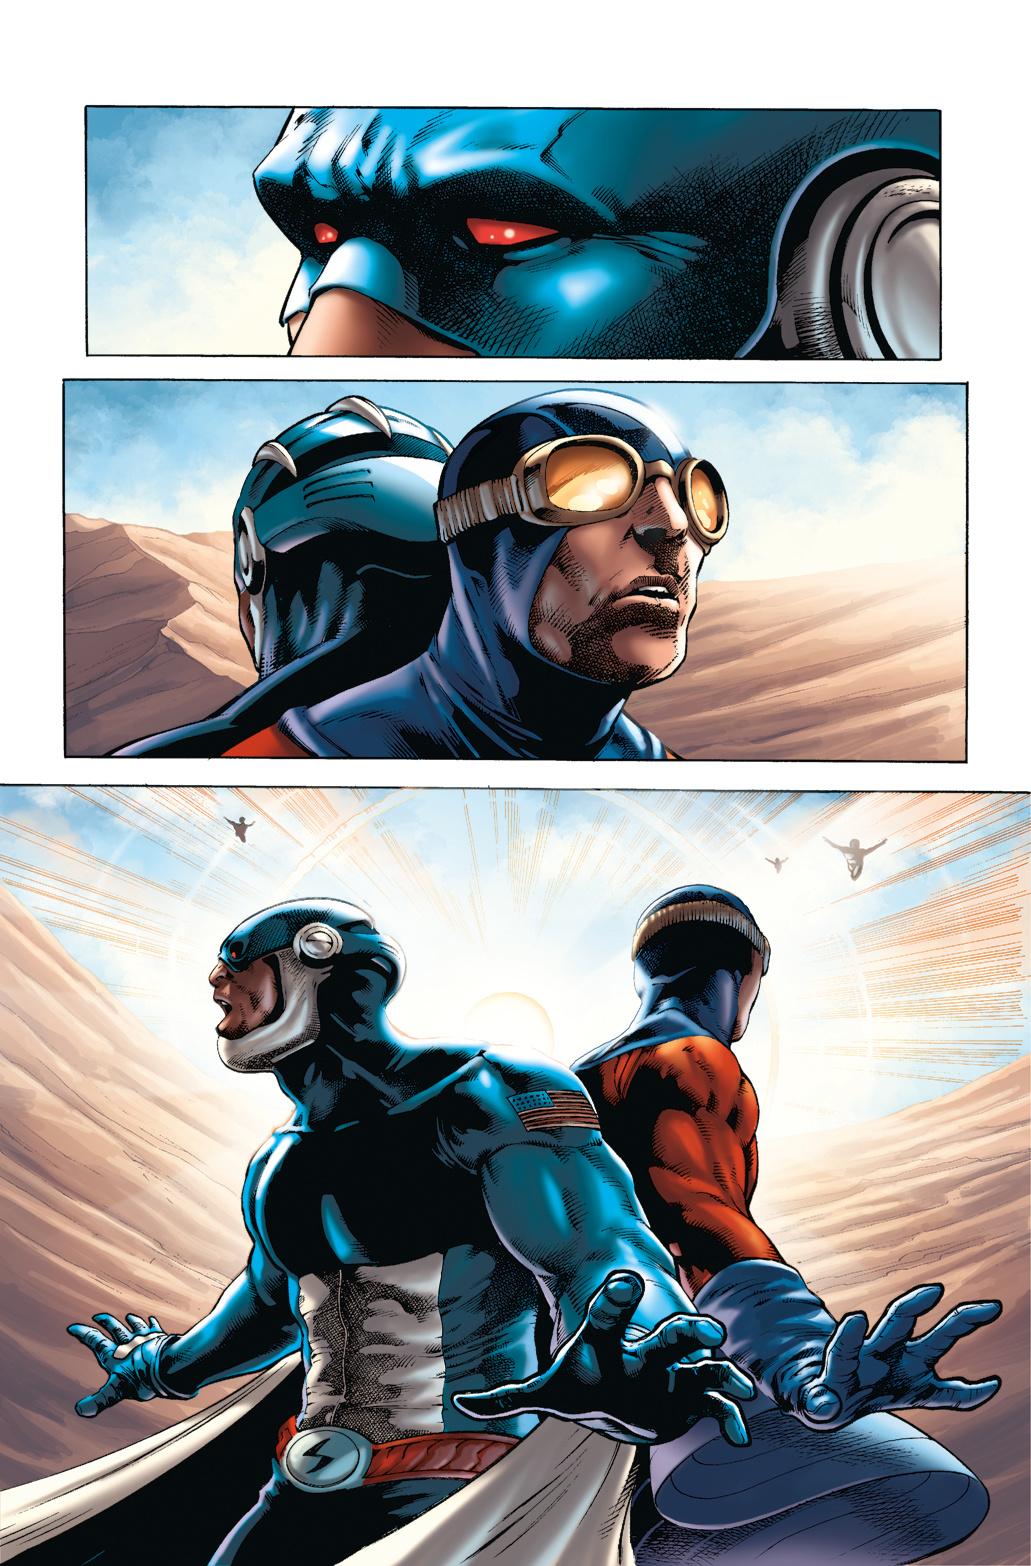 Skyman #4 page 1